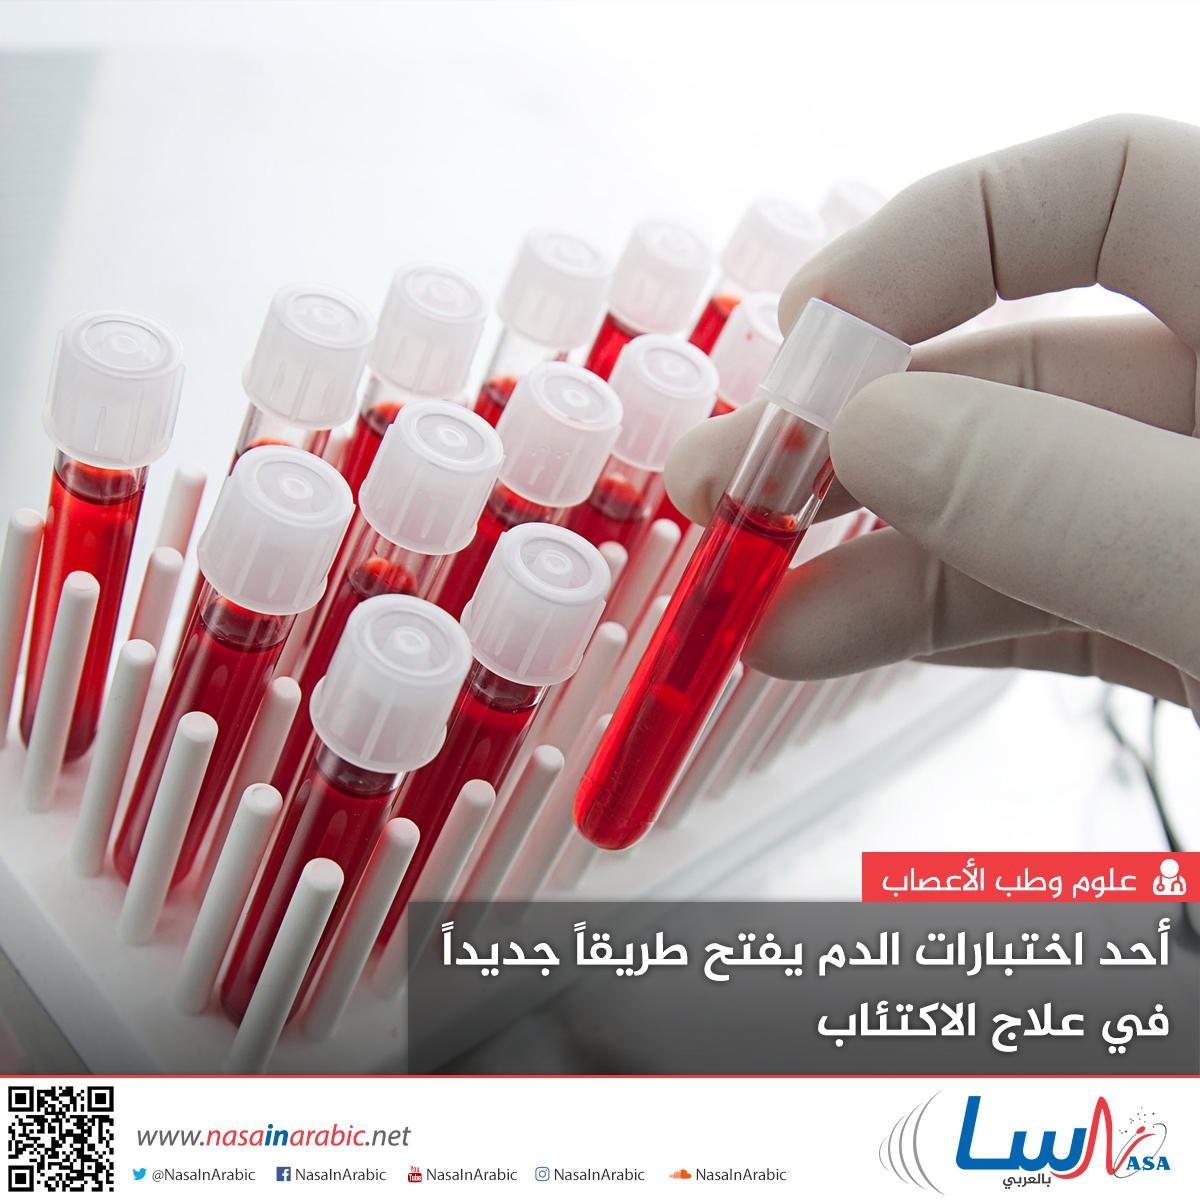 أحد اختبارات الدم يفتح طريقاً جديداً في علاج الاكتئاب